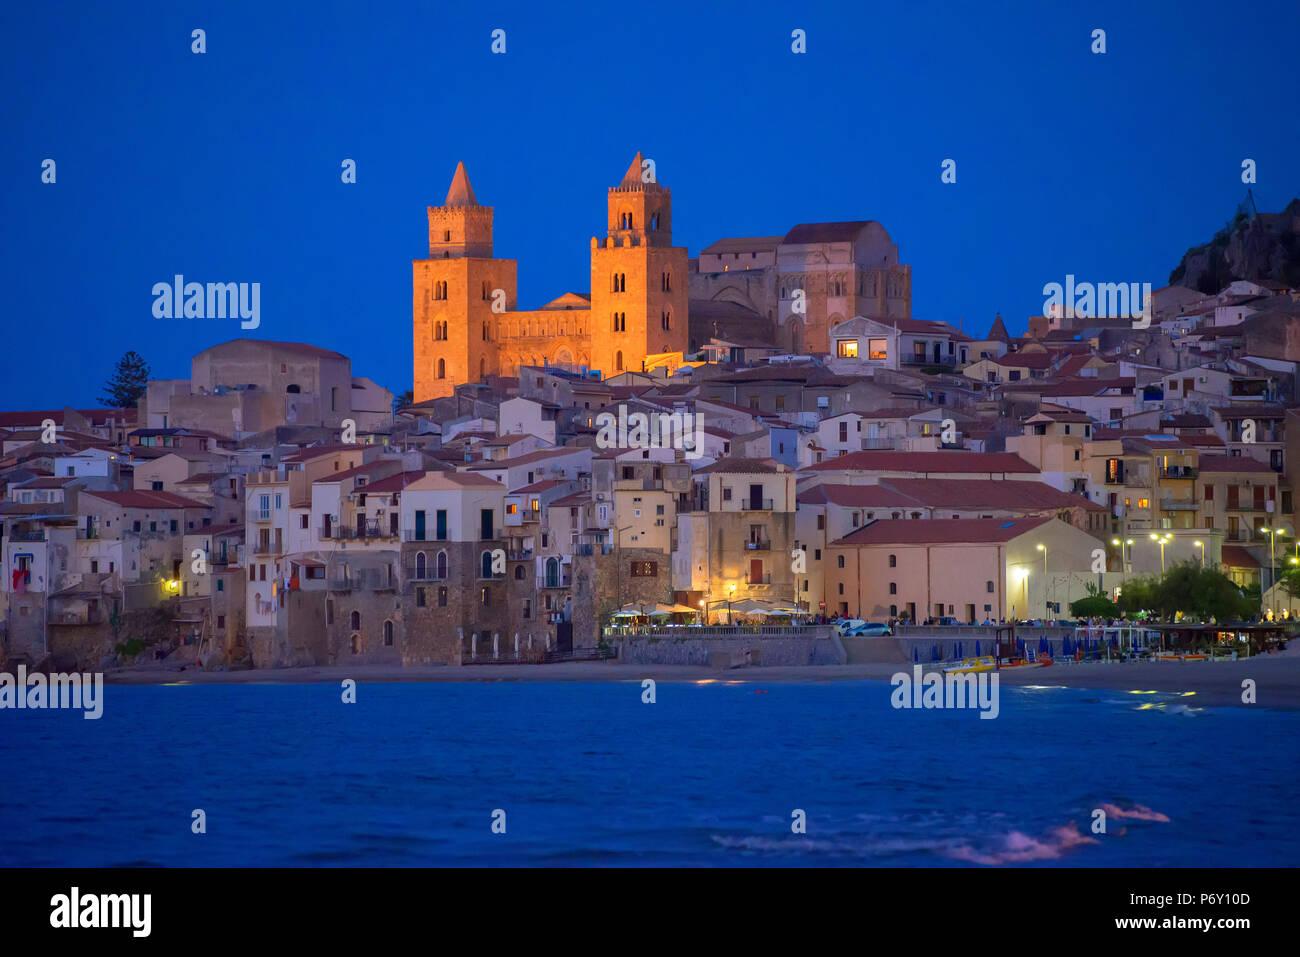 Cefalu, Sicily, Italy, Europe - Stock Image